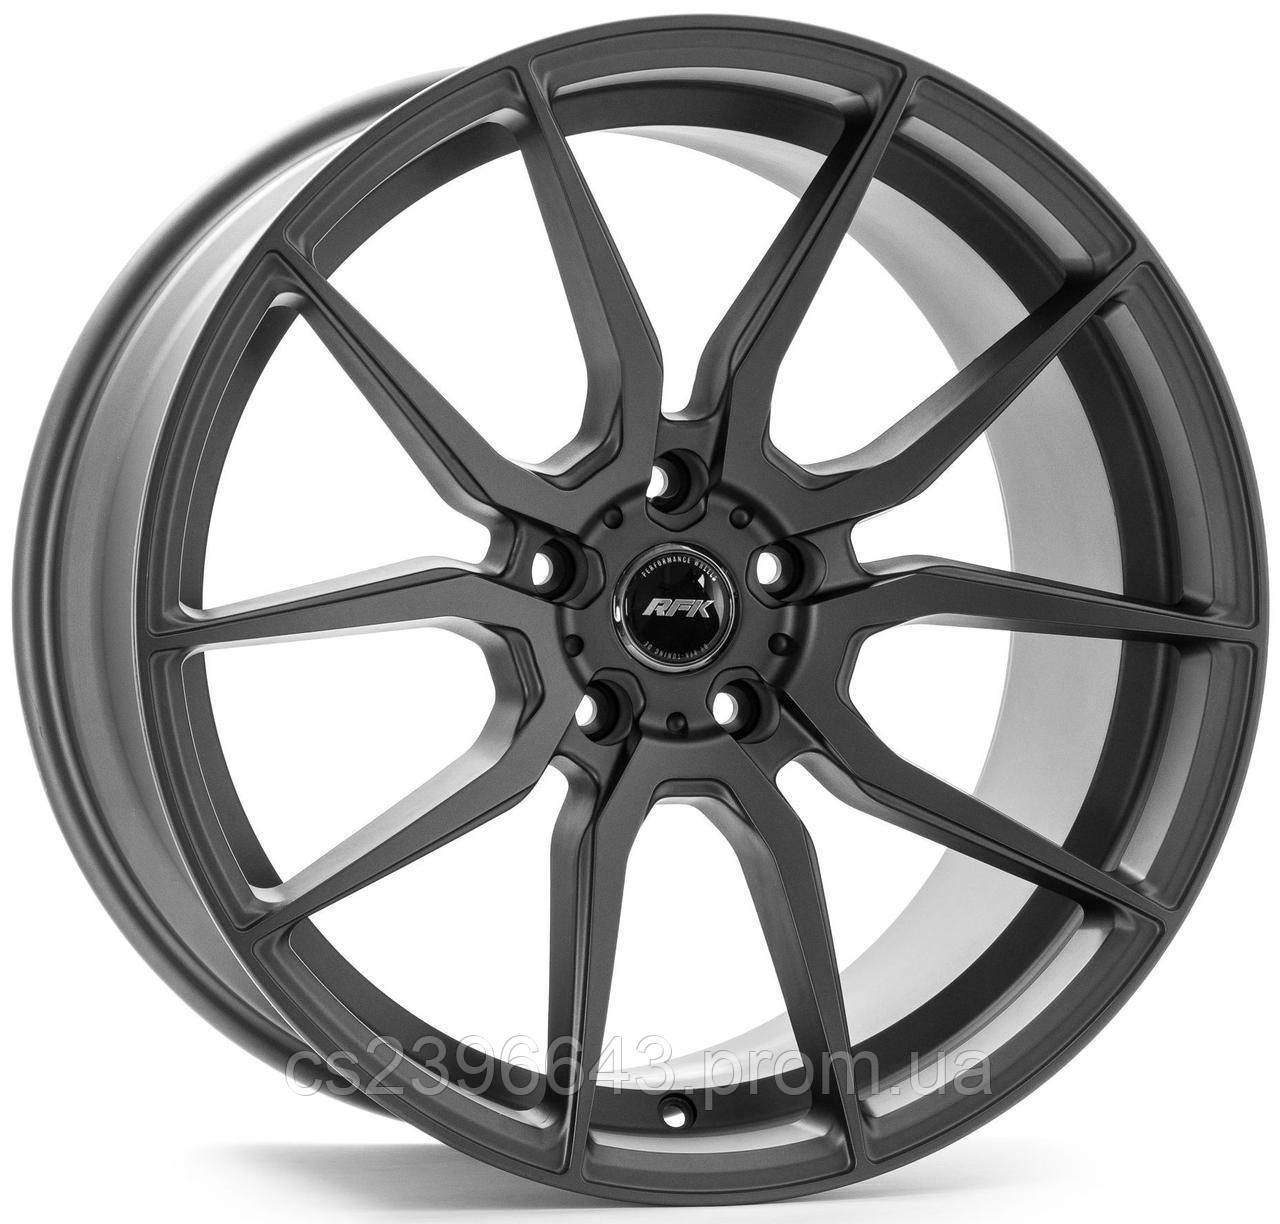 Колесный диск RFK Wheels GLS303 20x10,5 ET40